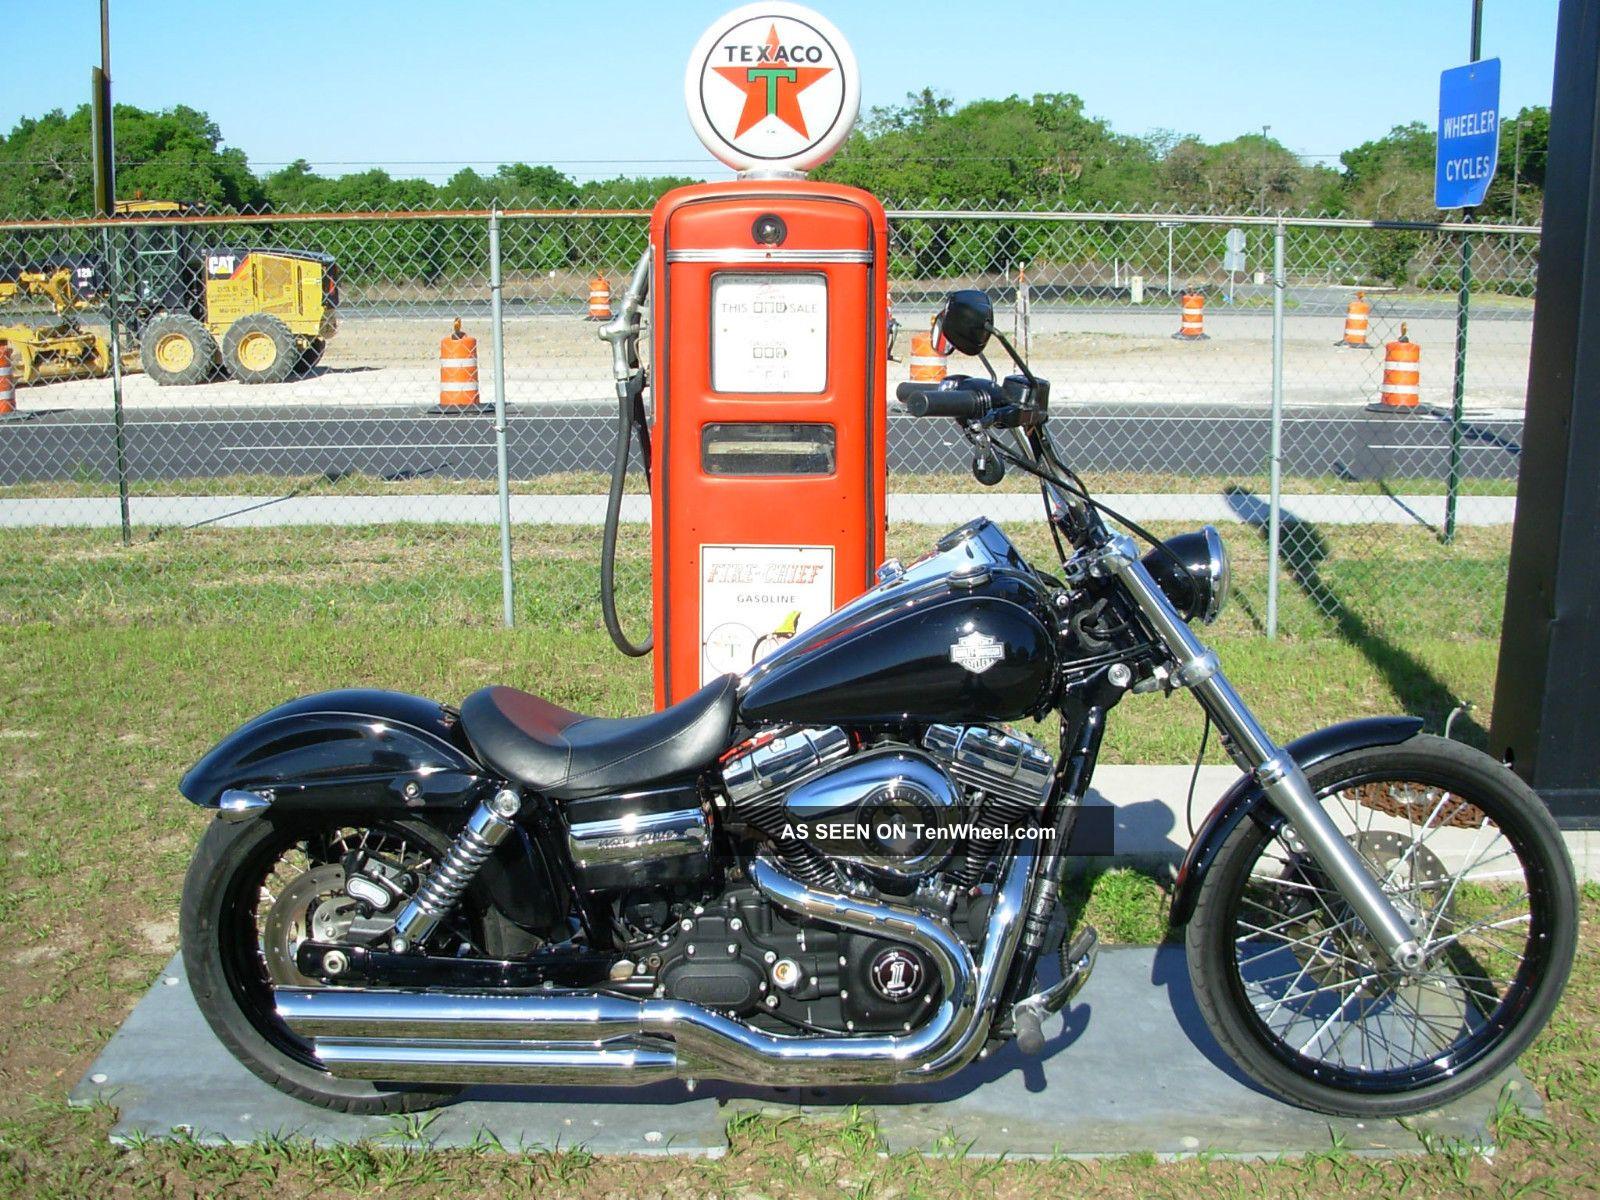 2011 Fxdwg Harley Davidson Dyna Wide Glide